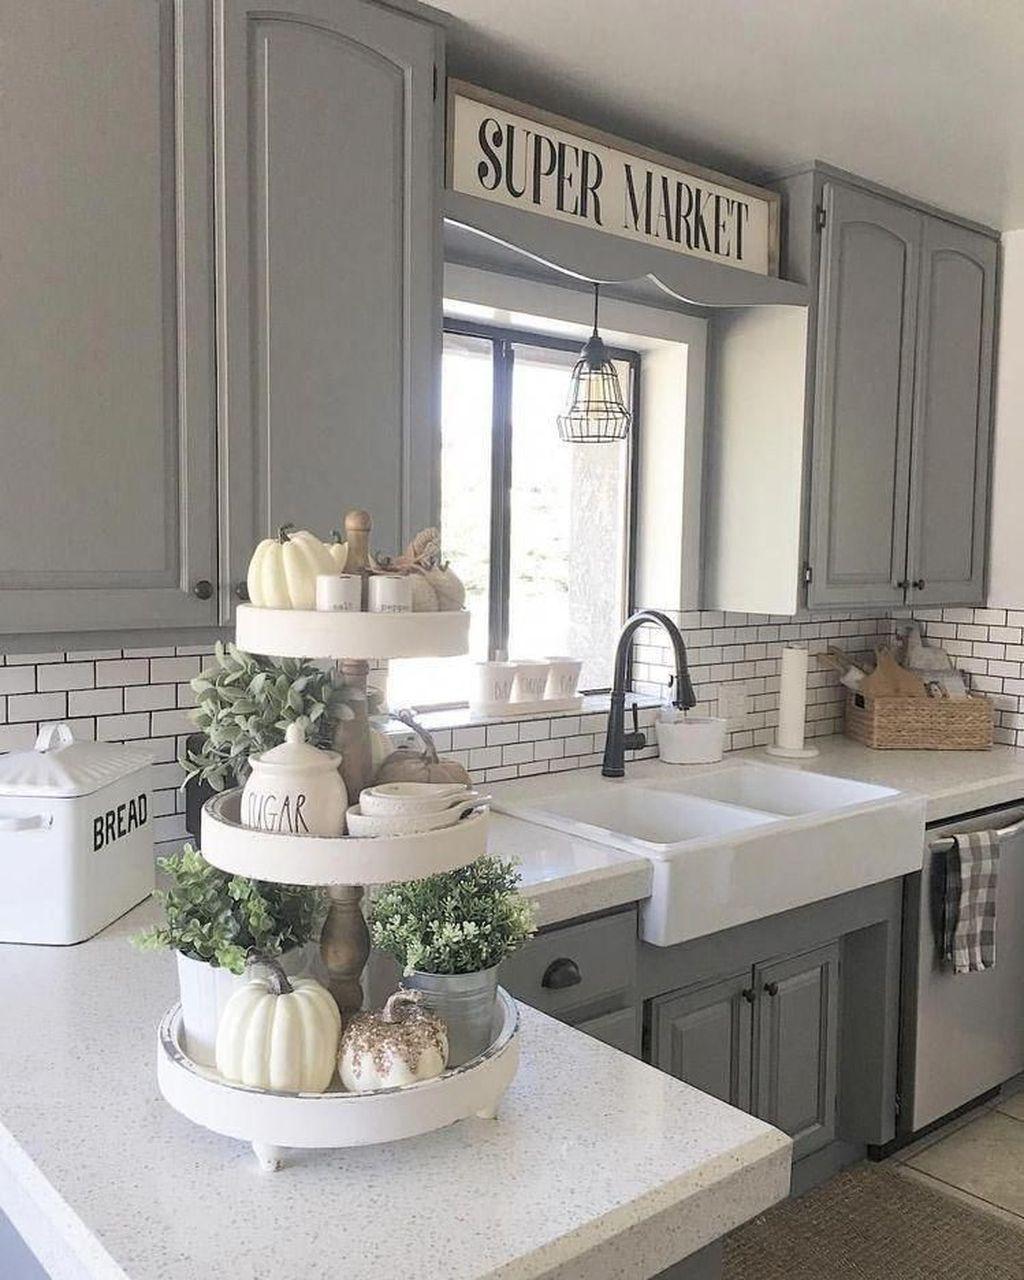 Amazing Organized Farmhouse Kitchen Decor Ideas 20